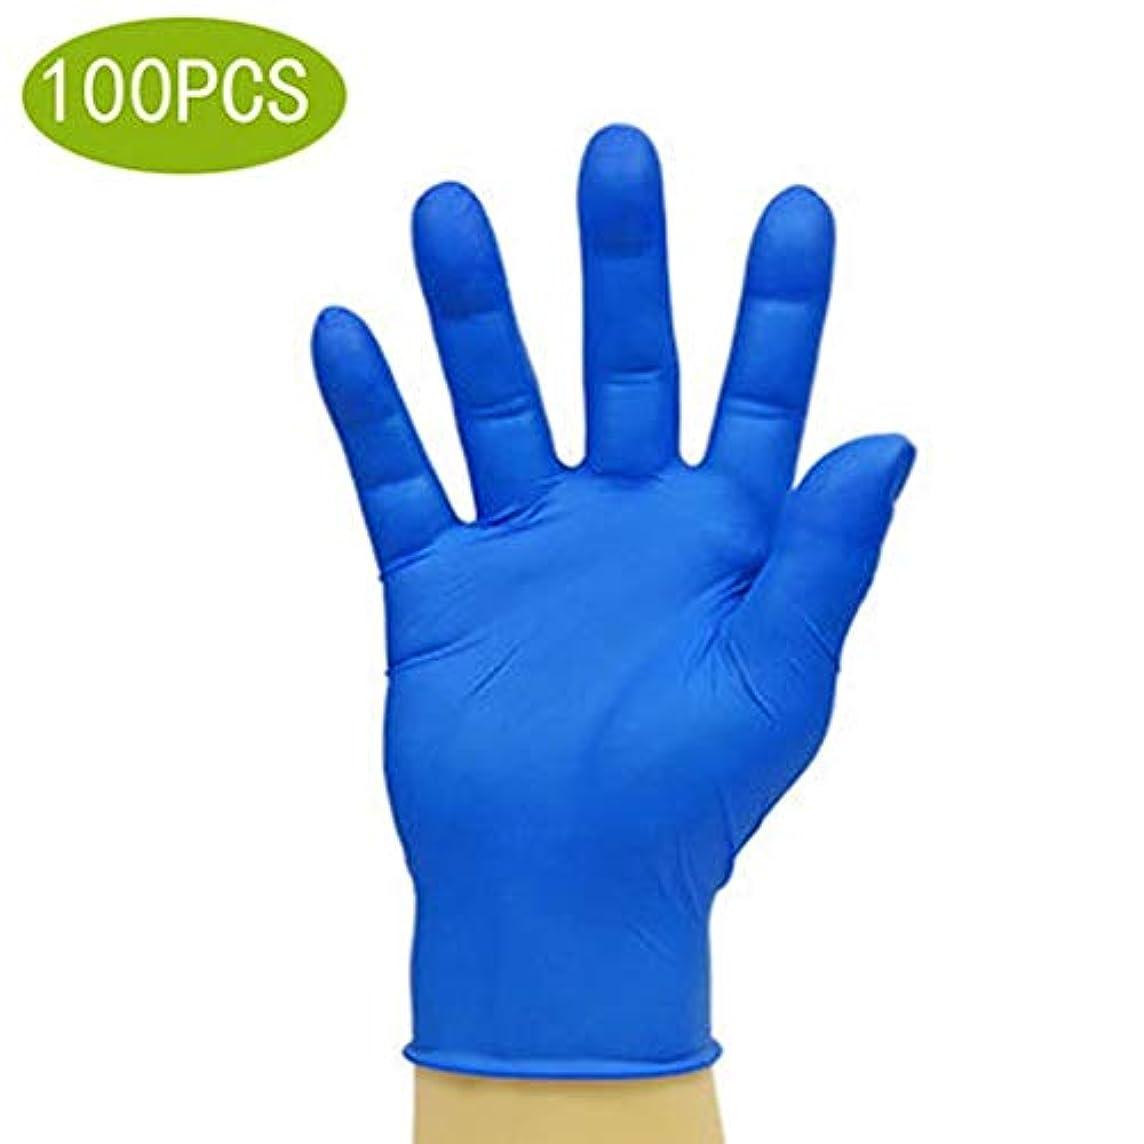 ミサイル数正直家庭用品使い捨て手袋ニトリル試験手袋医療用グレードパウダーフリー非S-L、インディゴ、ラージ、100カウント (Size : S)